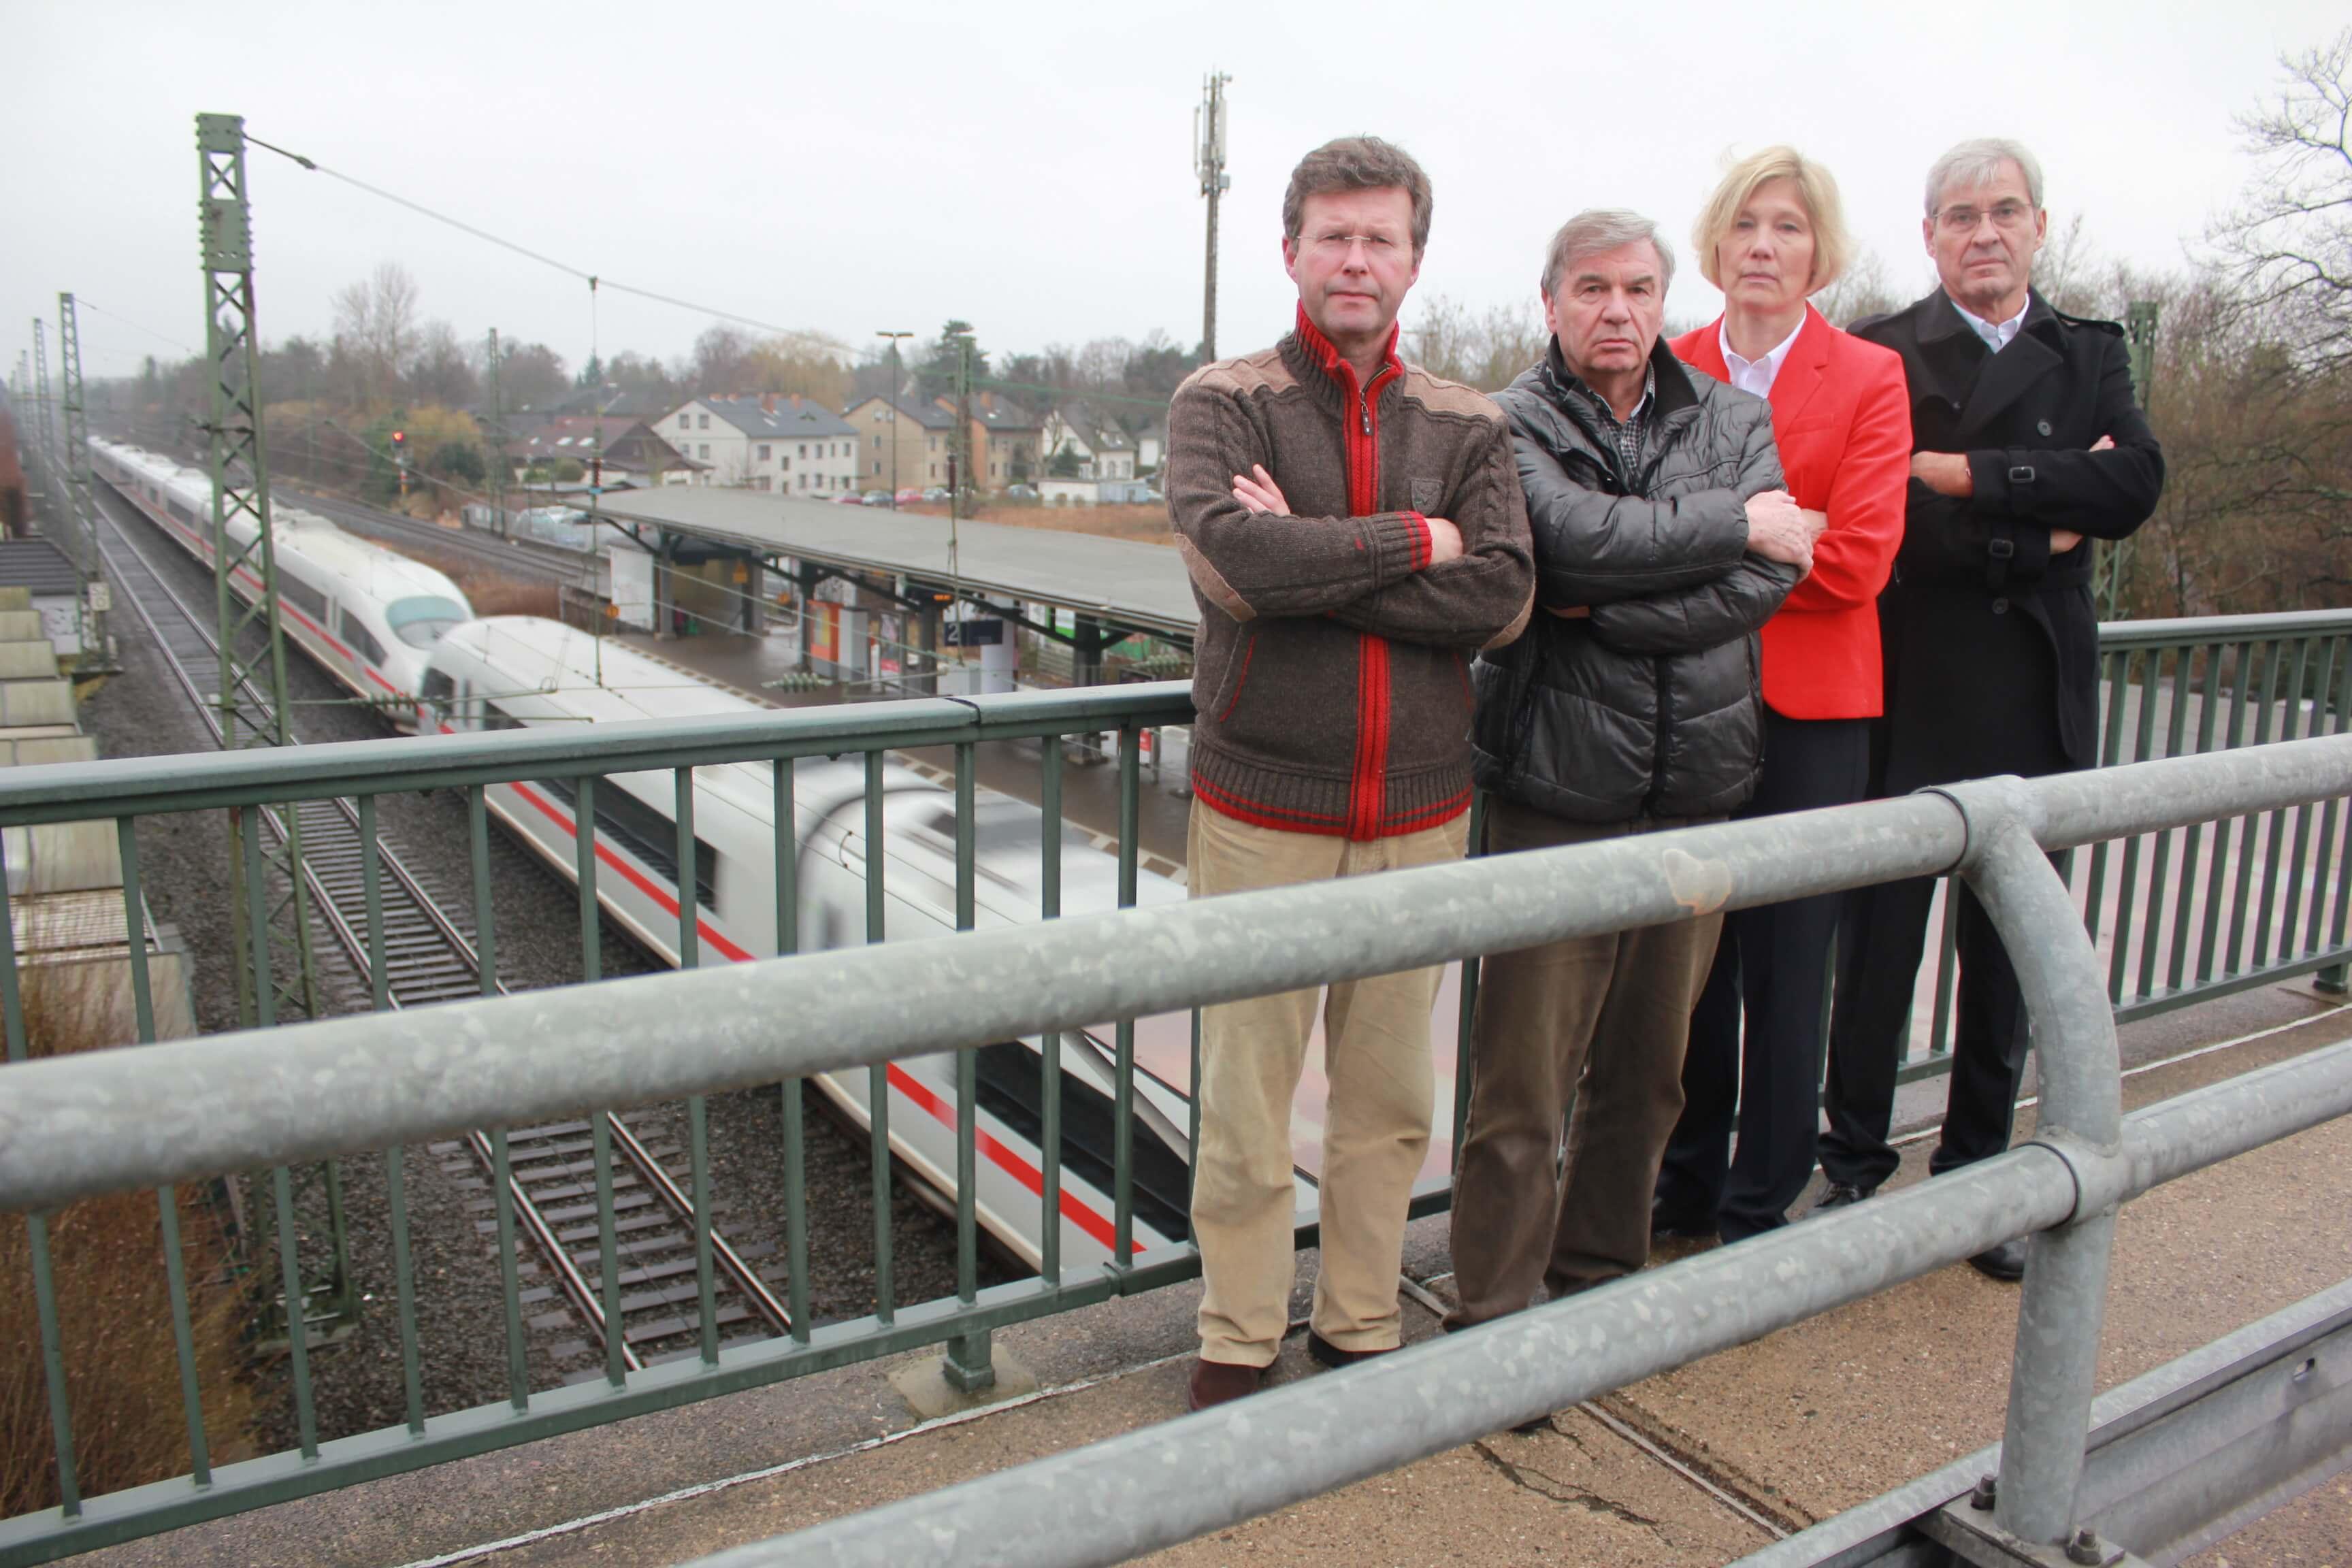 Kämpfen um den Tunnel: Thomas Weidmann, Wolfgang Eggerath, Elke Wagner und Richard Kleinofen (v.l.)